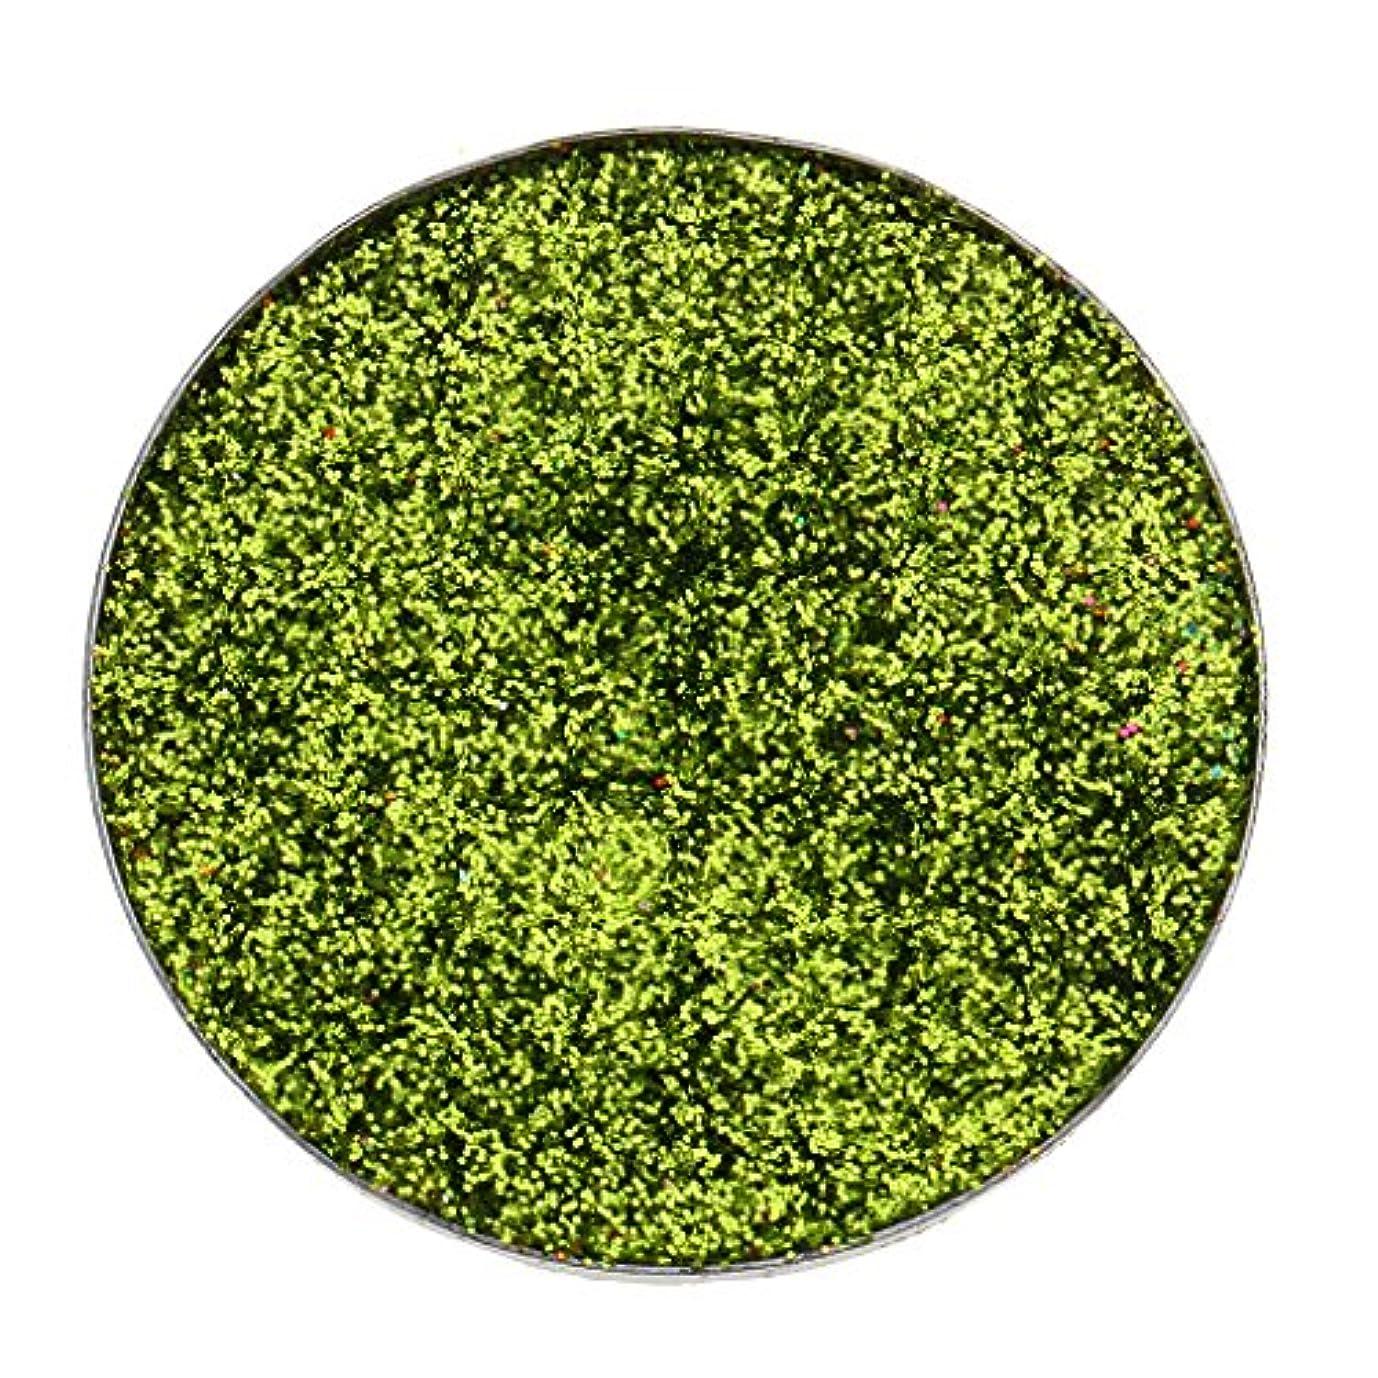 言うまでもなくイブニングぬいぐるみ全5色 ダイヤモンド キラキラ シマー メイクアップ アイシャドウ 顔料 長持ち 滑らか - 緑